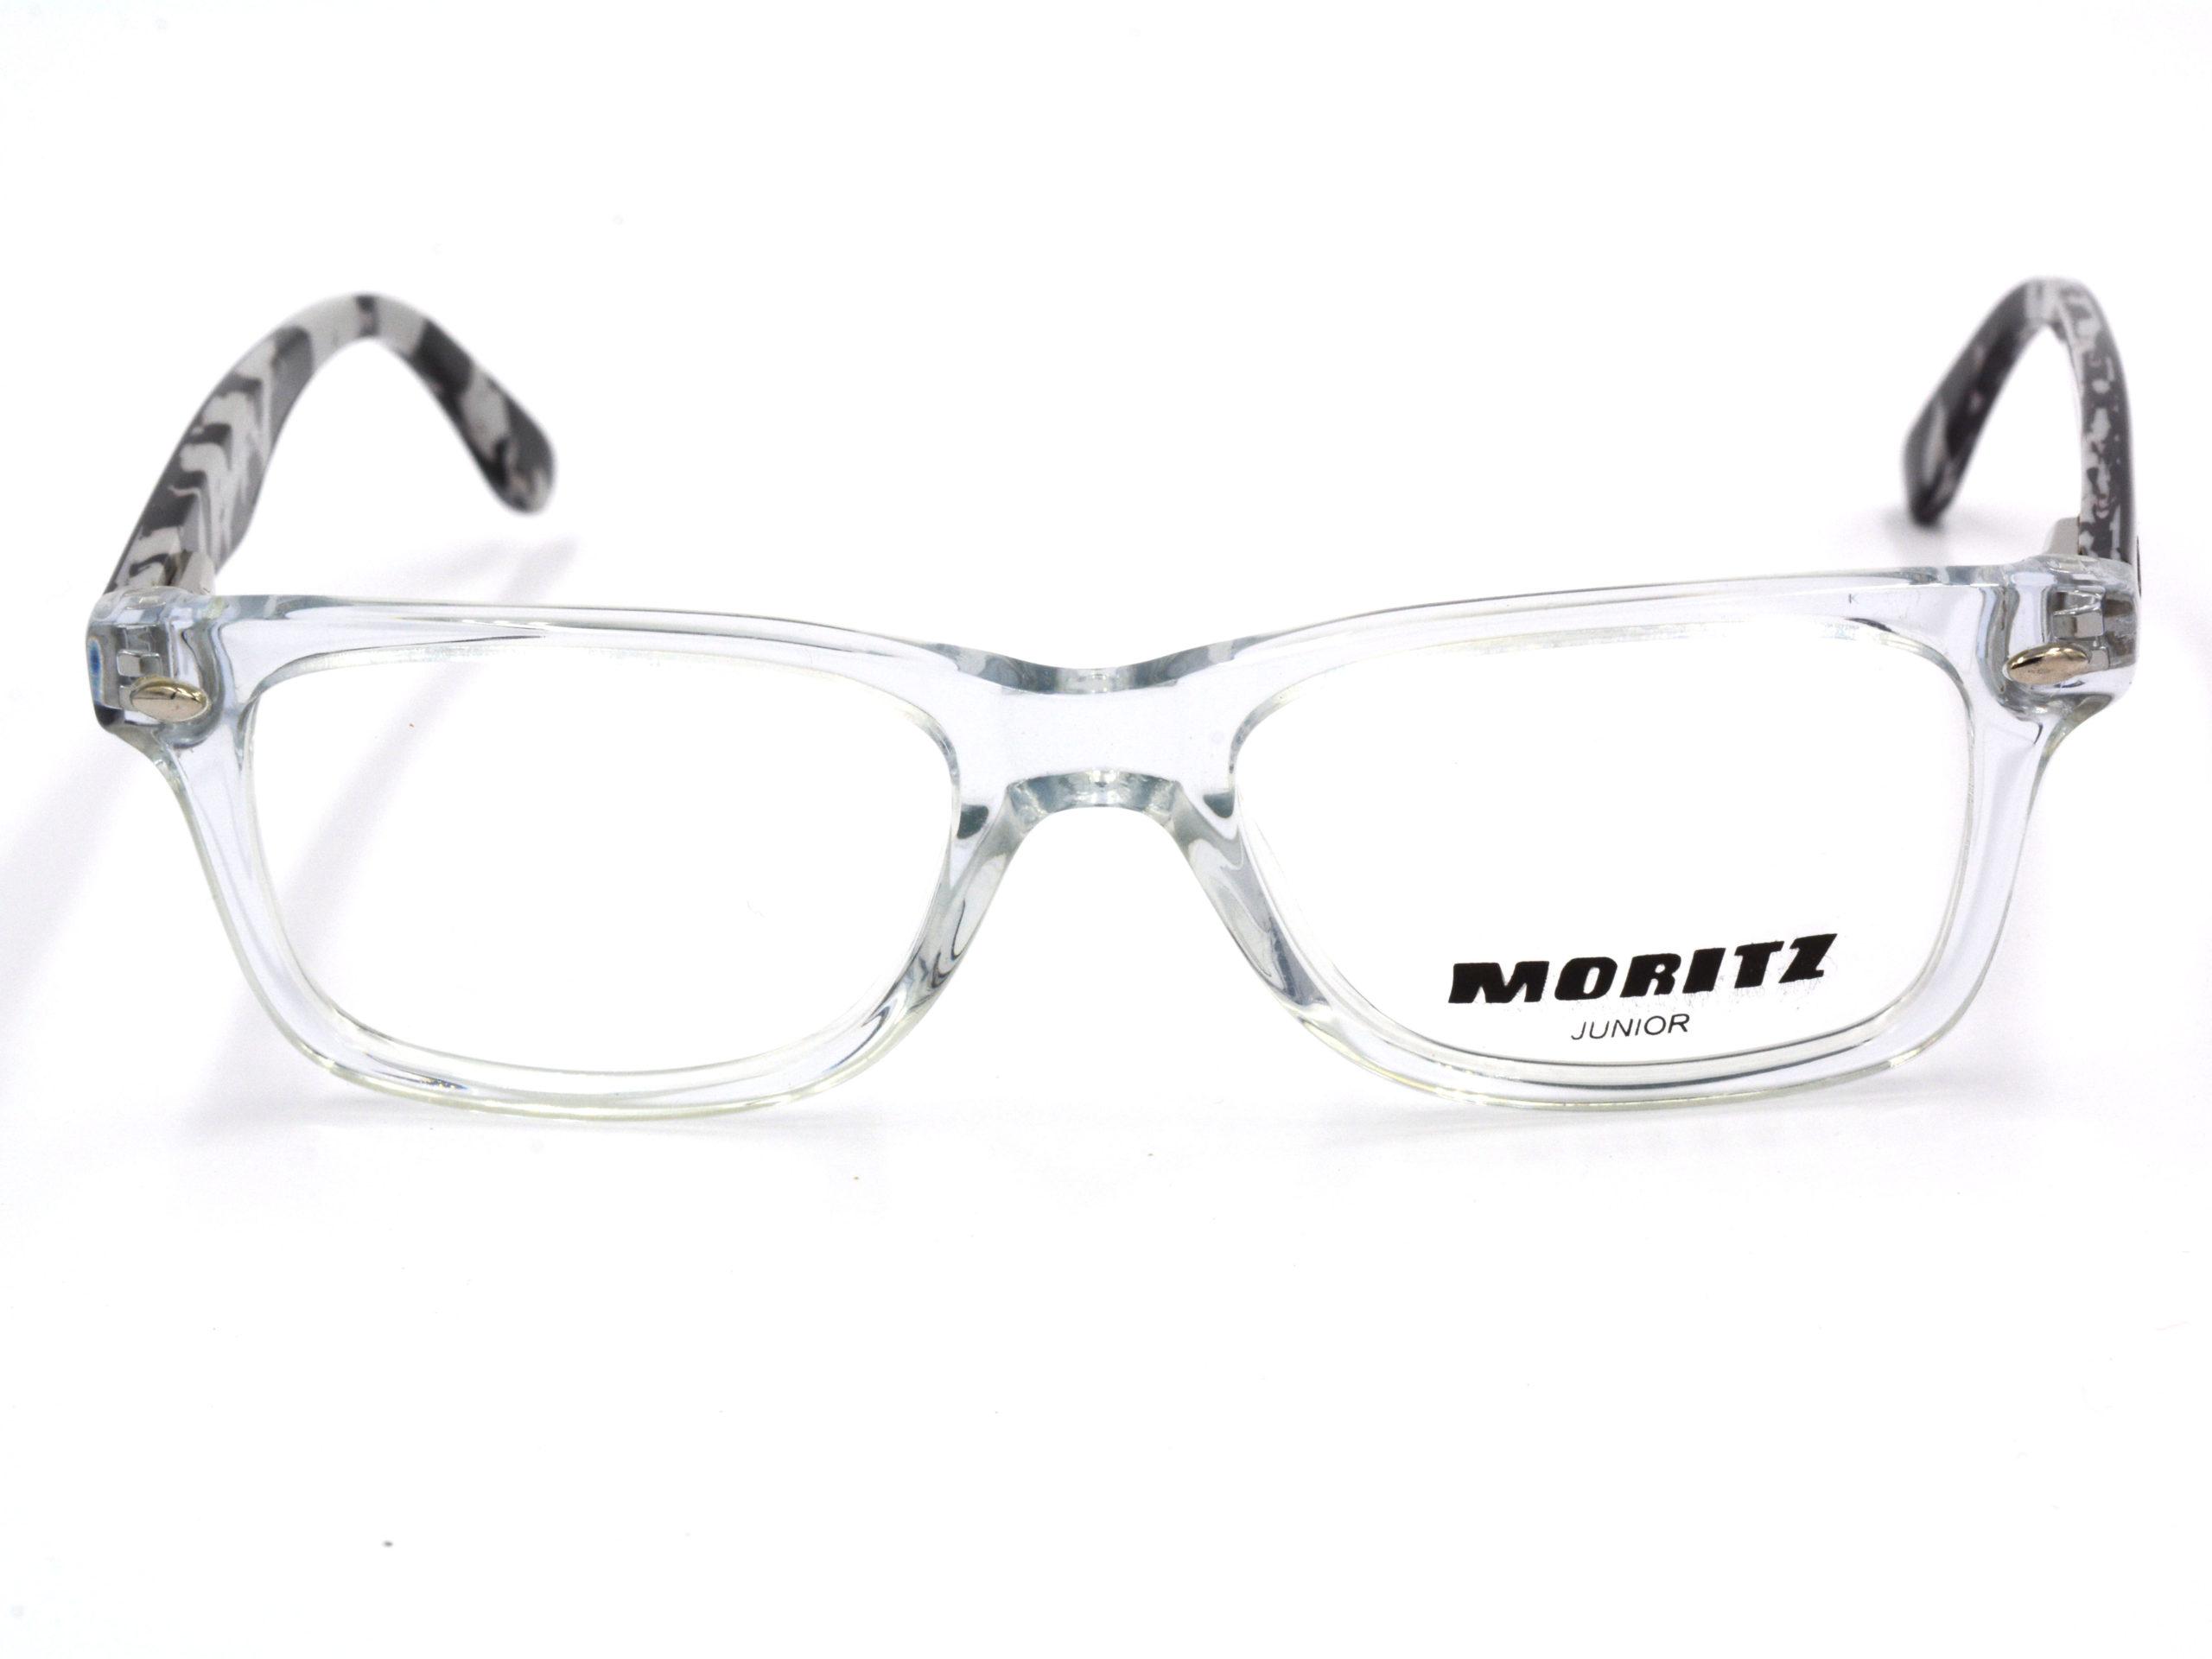 Γυαλιά οράσεως MORITZ BB1138 BK10 46-16-125 Πειραιάς